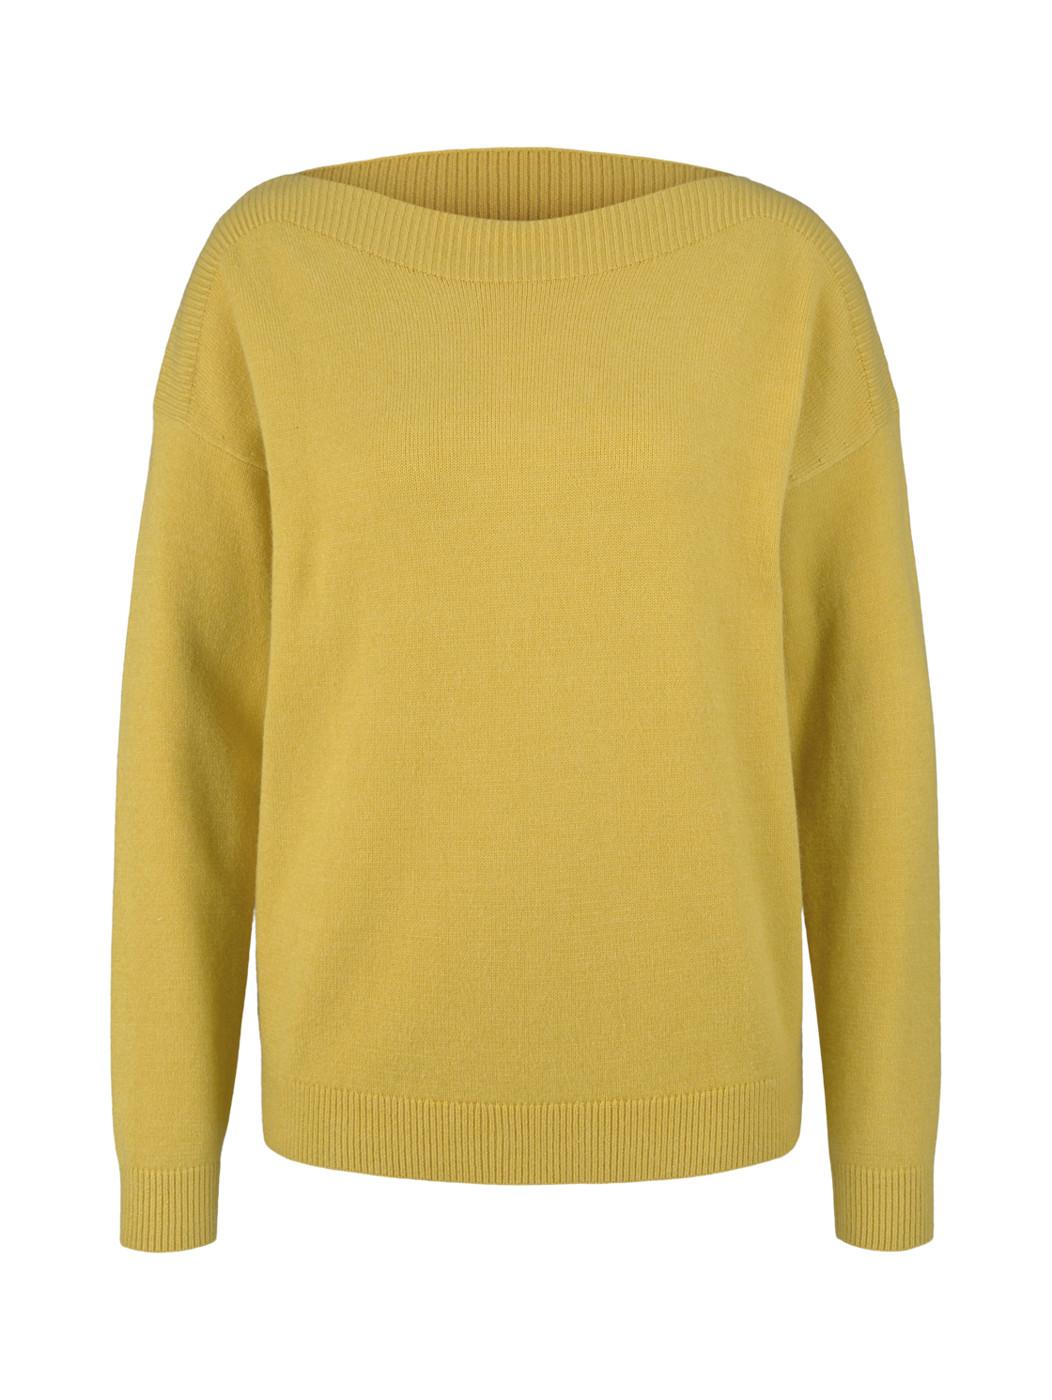 boatneck pullover - Damen